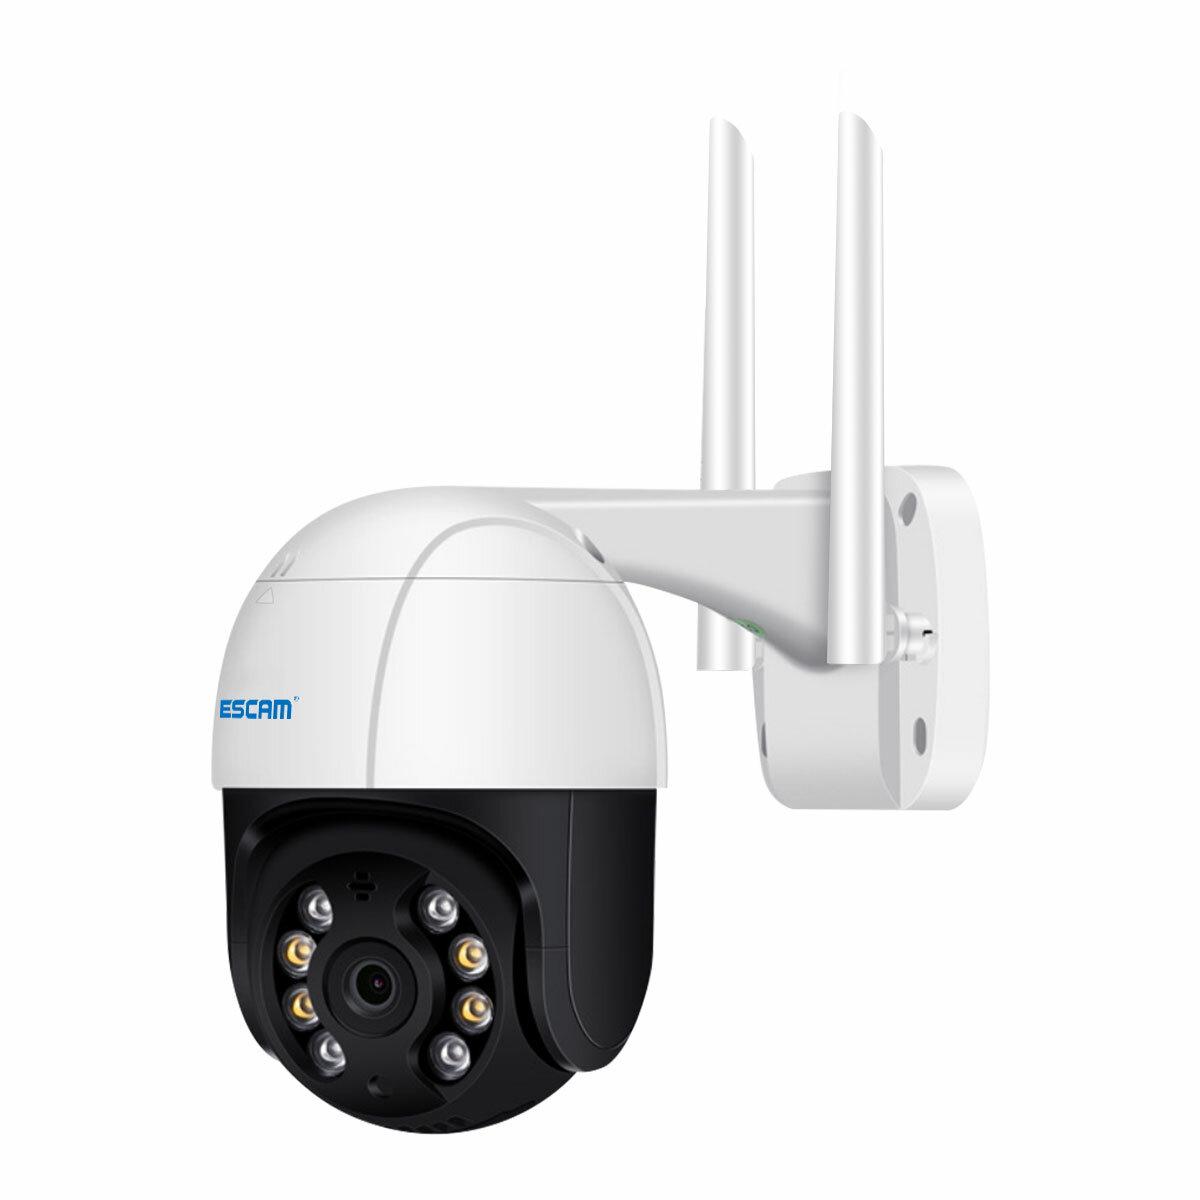 Картинка - ESCAM QF218 1080P Pan / Tilt AI Обнаружение гуманоидов Облачное хранилище Водонепроницаемы WiFi IP камера с двусторонней